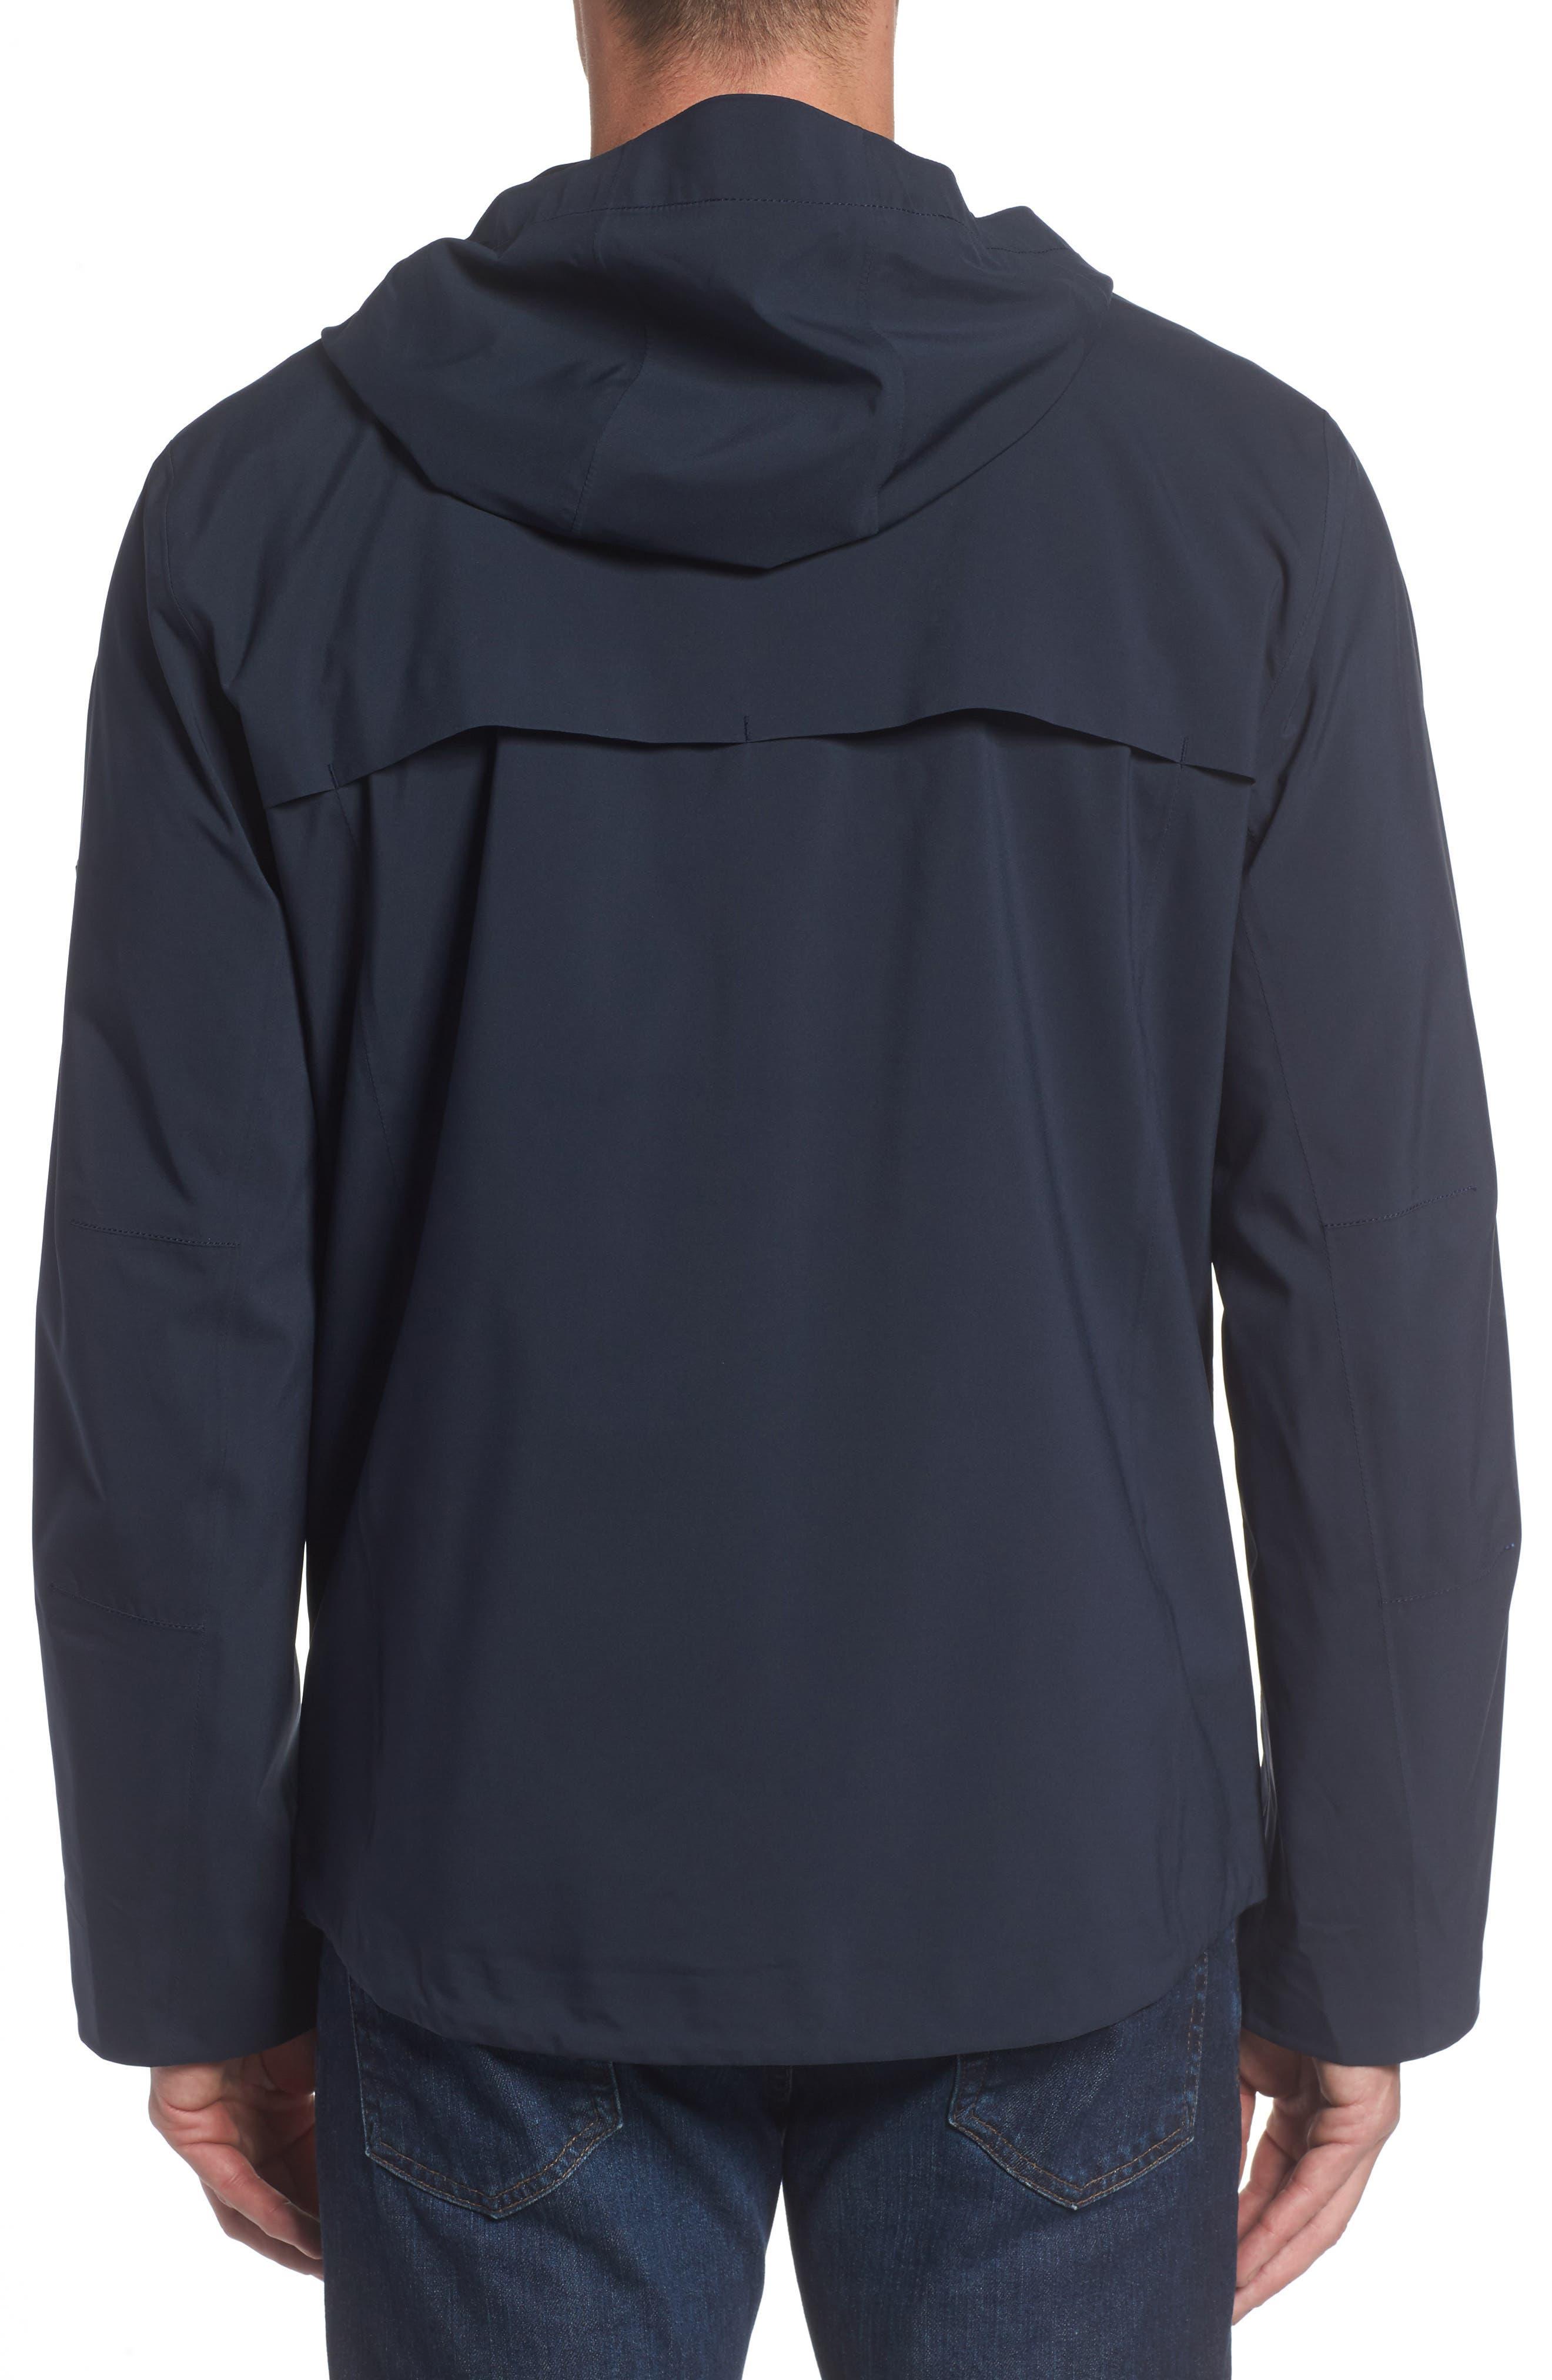 Alternate Image 2  - Marc New York Stratus Waterproof Hooded Rain Jacket